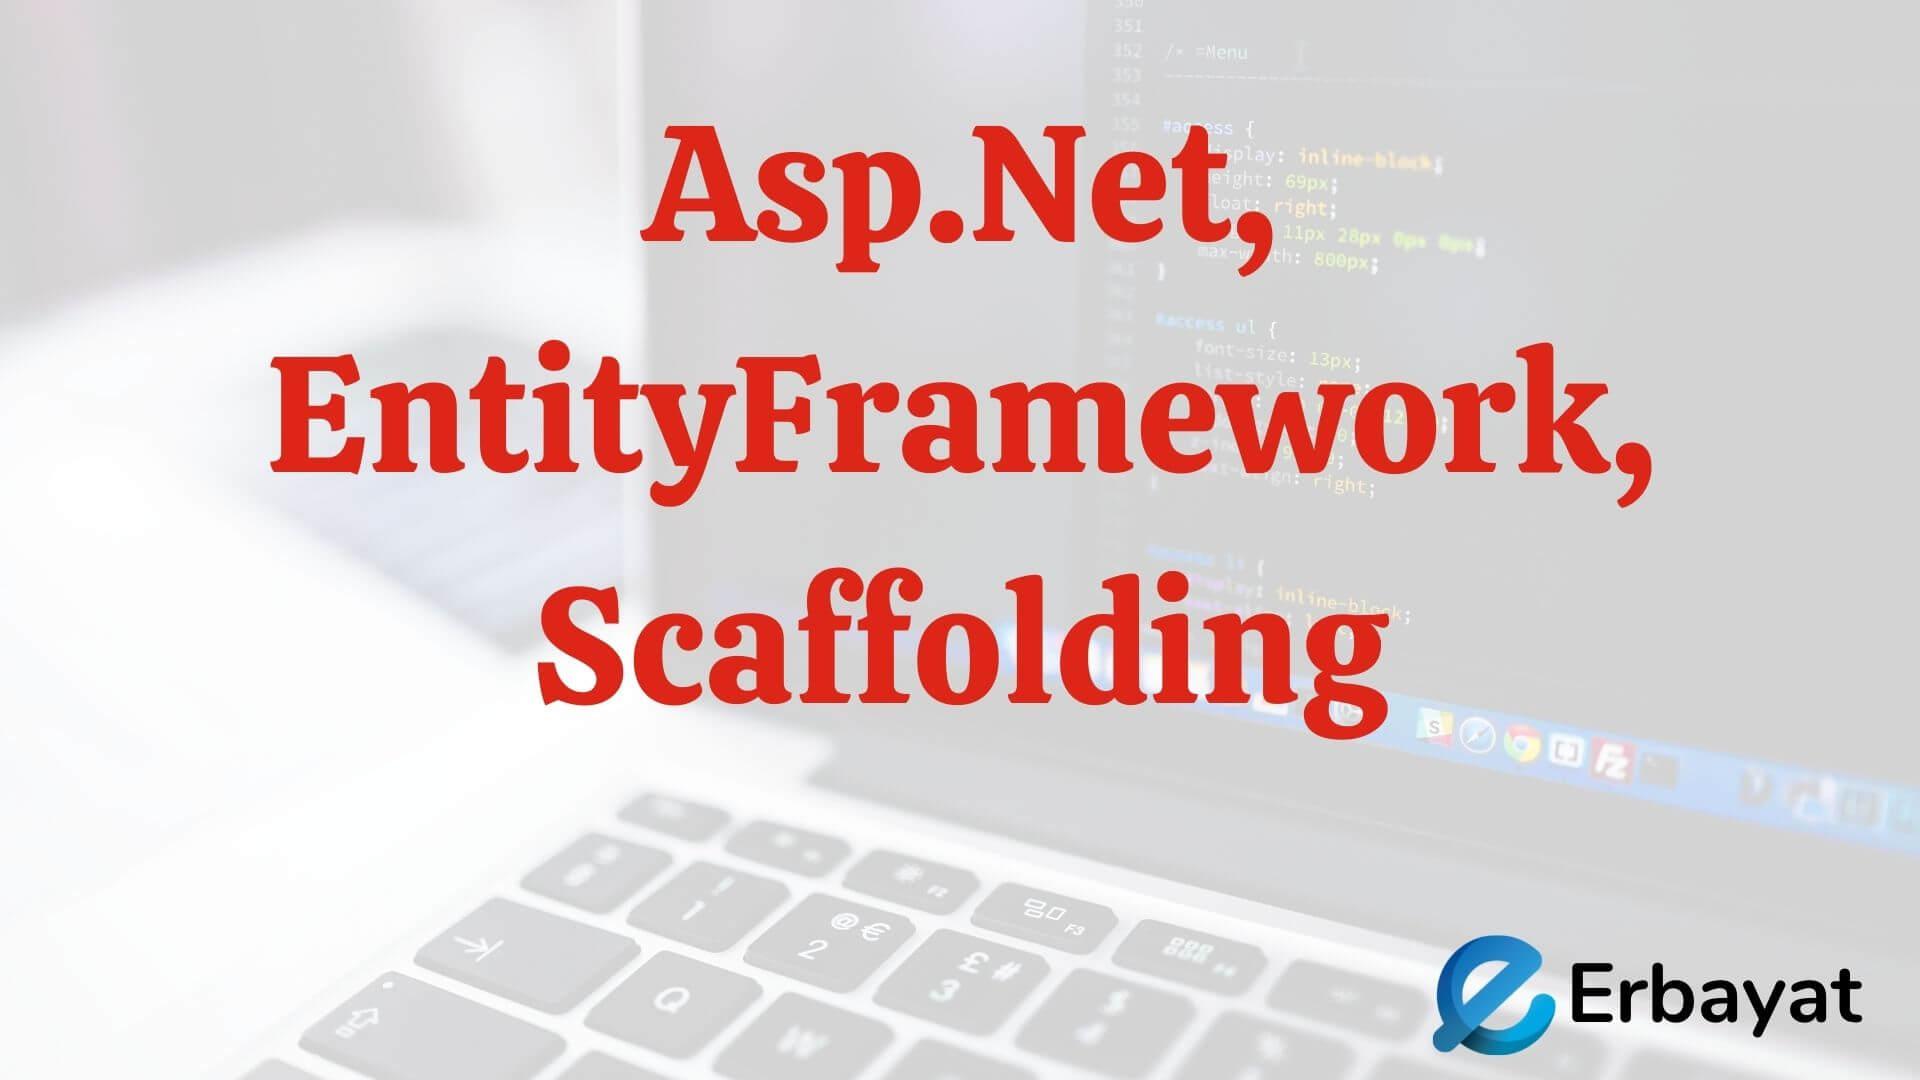 Asp.Net, EntityFramework, Scaffolding